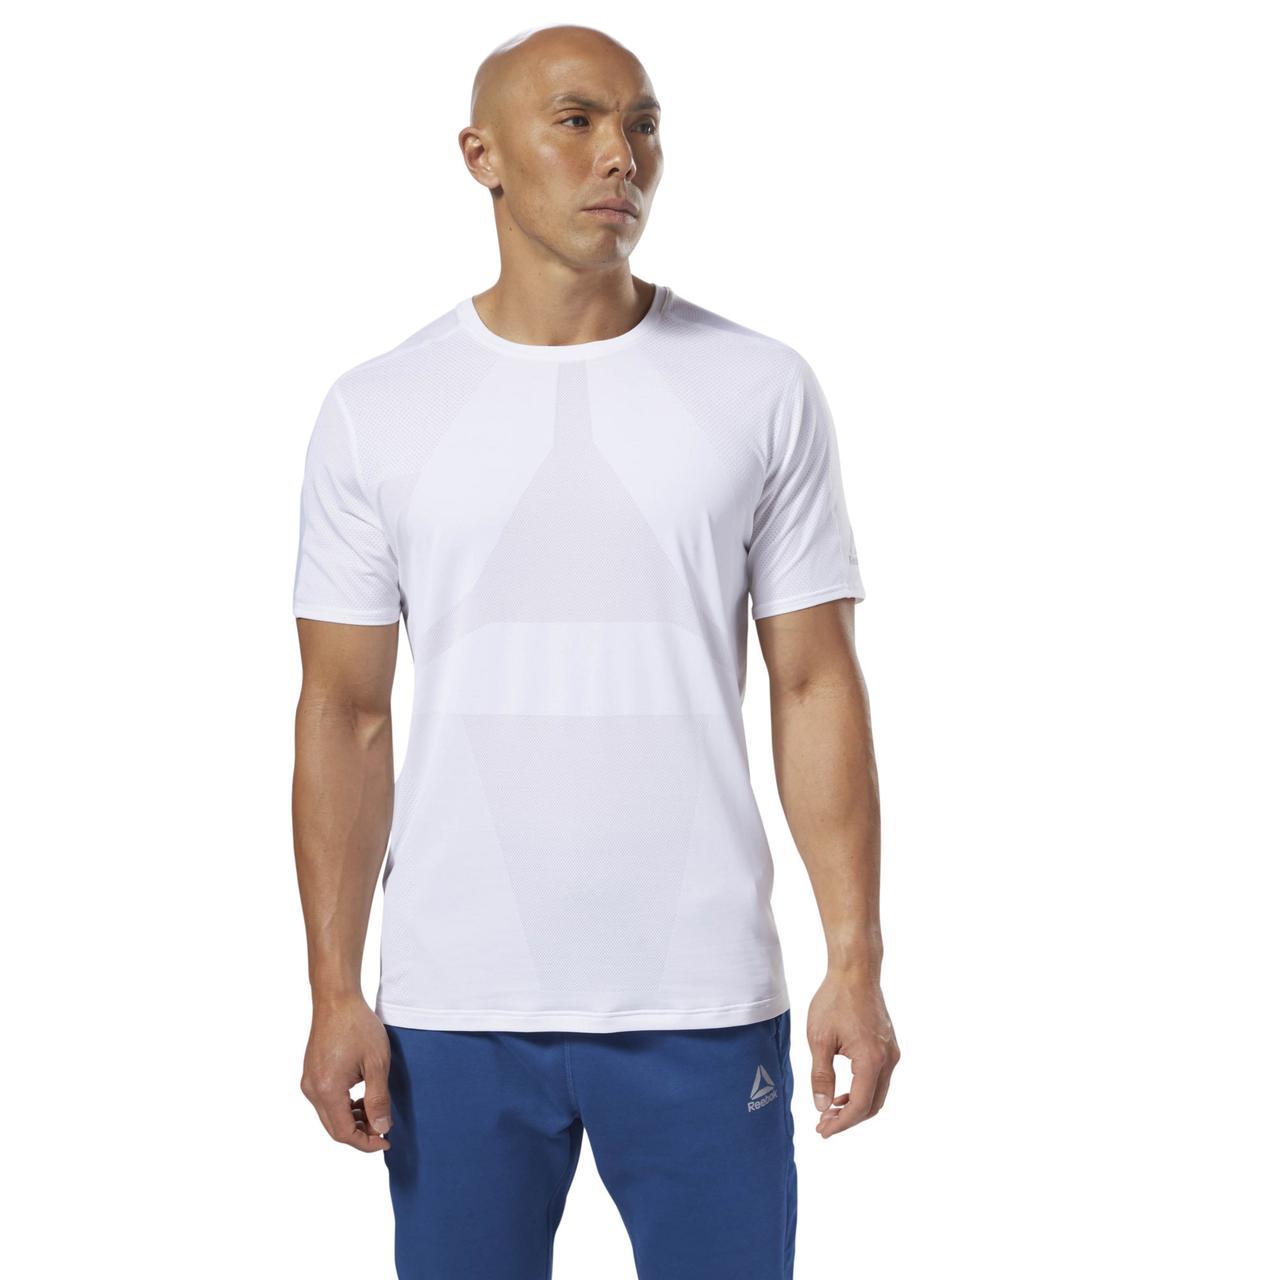 Мужская футболка Reebok Activchill Vent (Артикул: D93748)